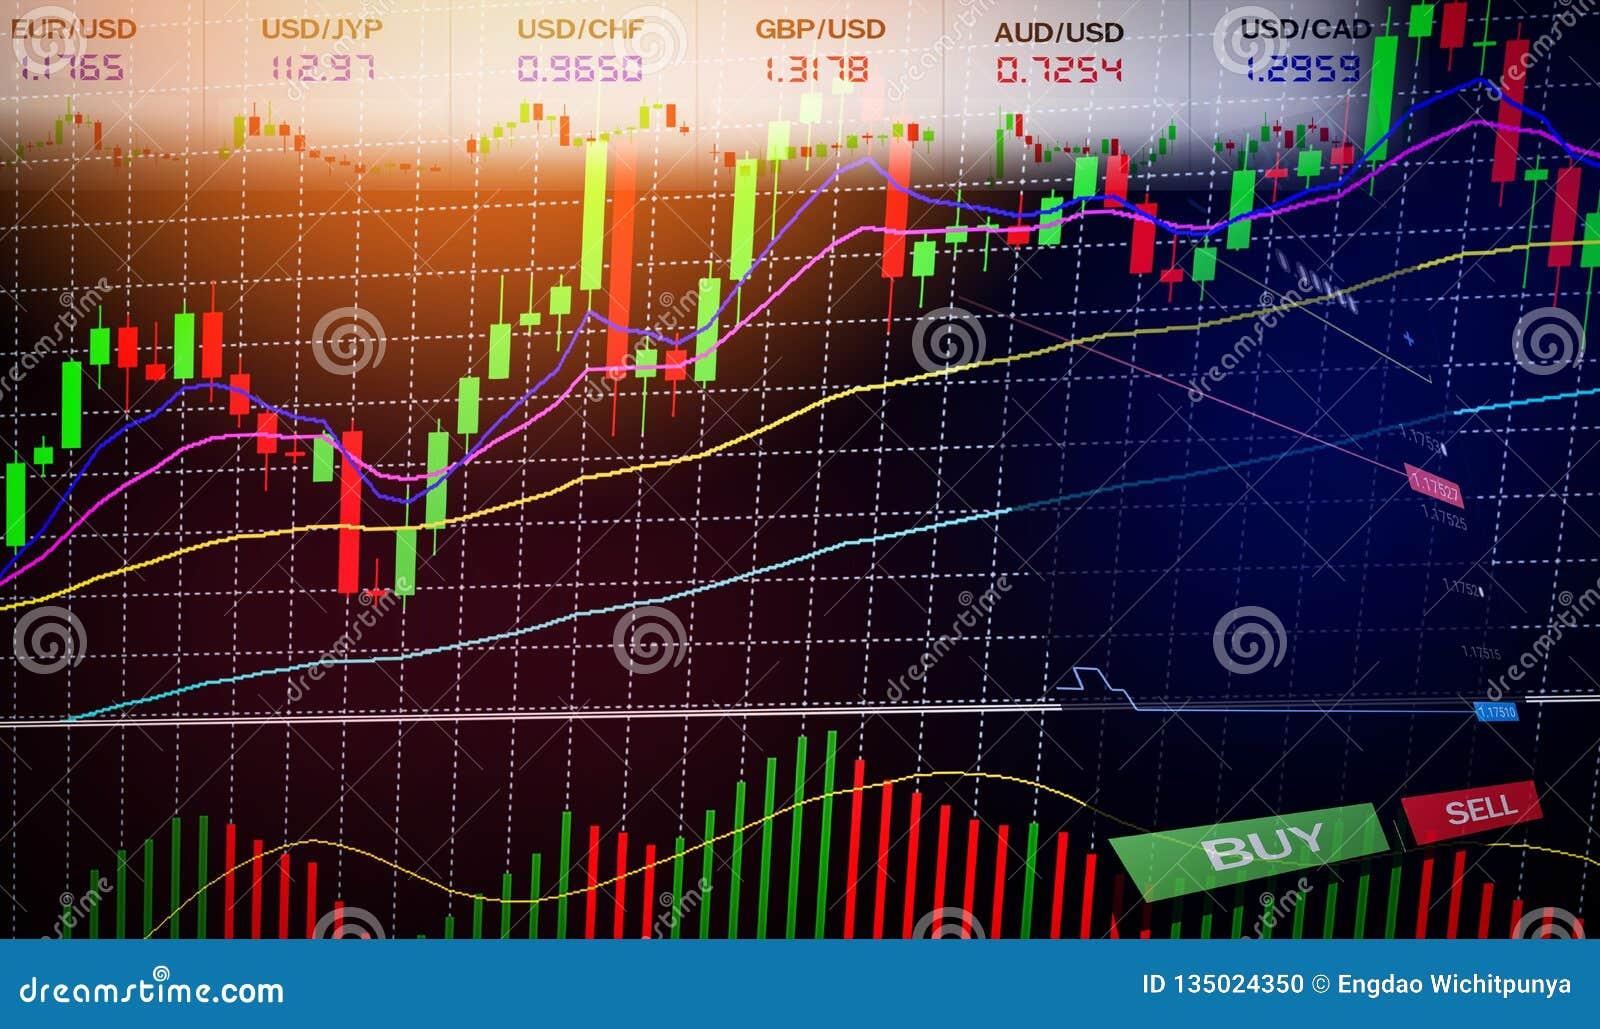 Voorraadforex die handel drijven - de Bedrijfsgrafiekgrafieken van financiële/forex grafiekengrafiek schepen gegevensinformatie i